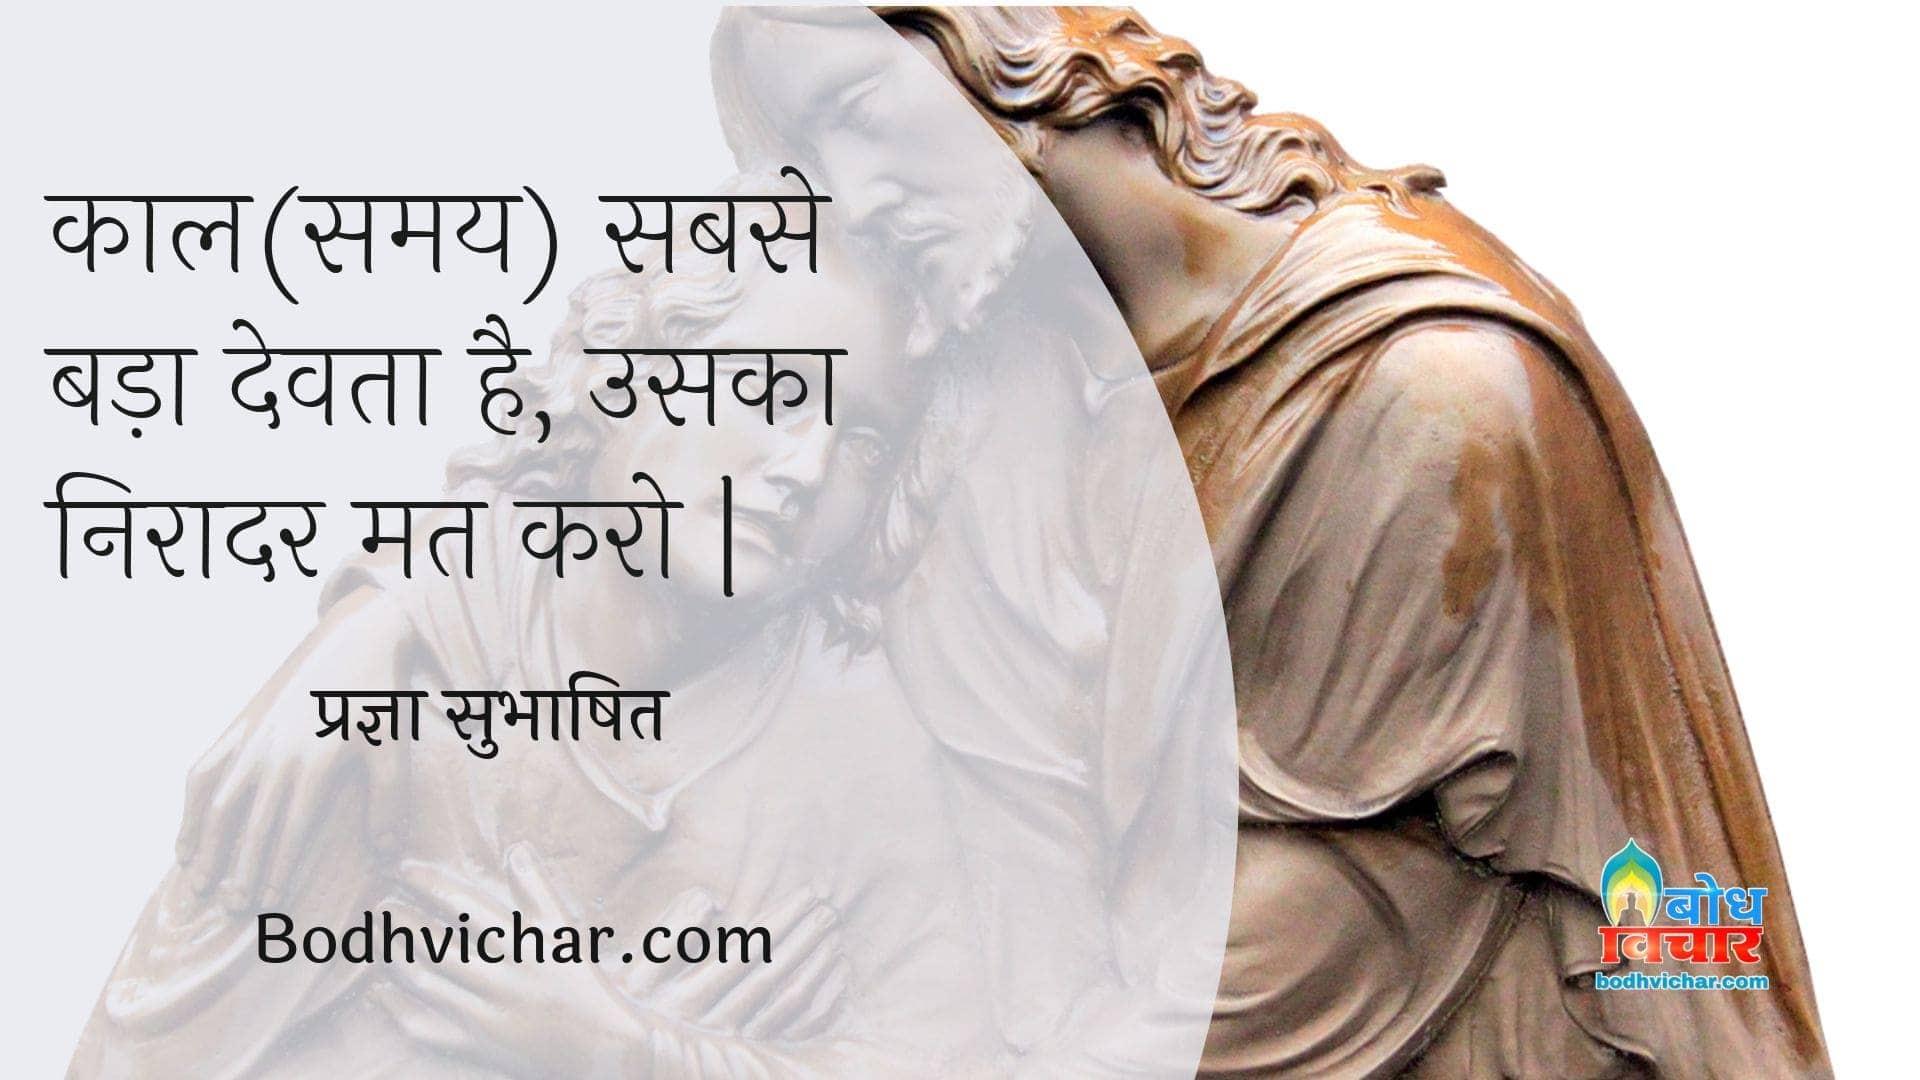 काल(समय) सबसे बड़ा देवता है, उसका निरादर मत करो | : Kal sabse bada devta hai uska niraadar mat karo. - प्रज्ञा सुभाषित